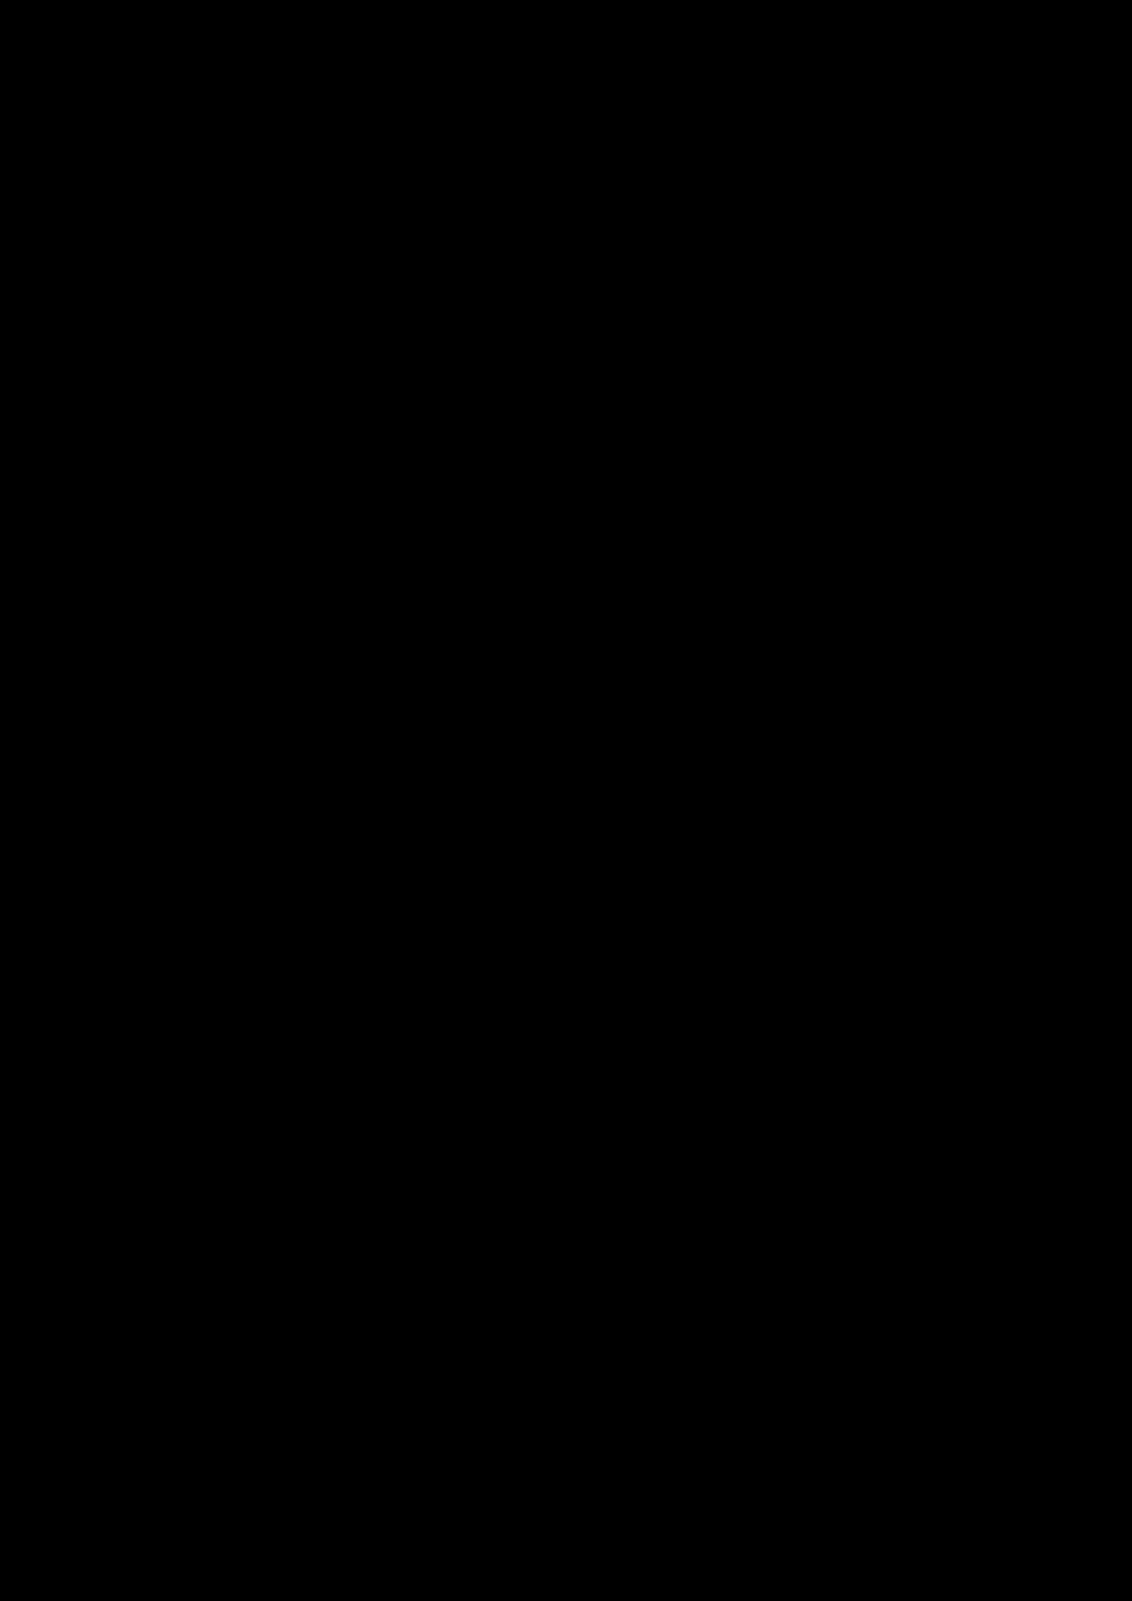 Proschanie s volshebnoy stranoy slide, Image 19